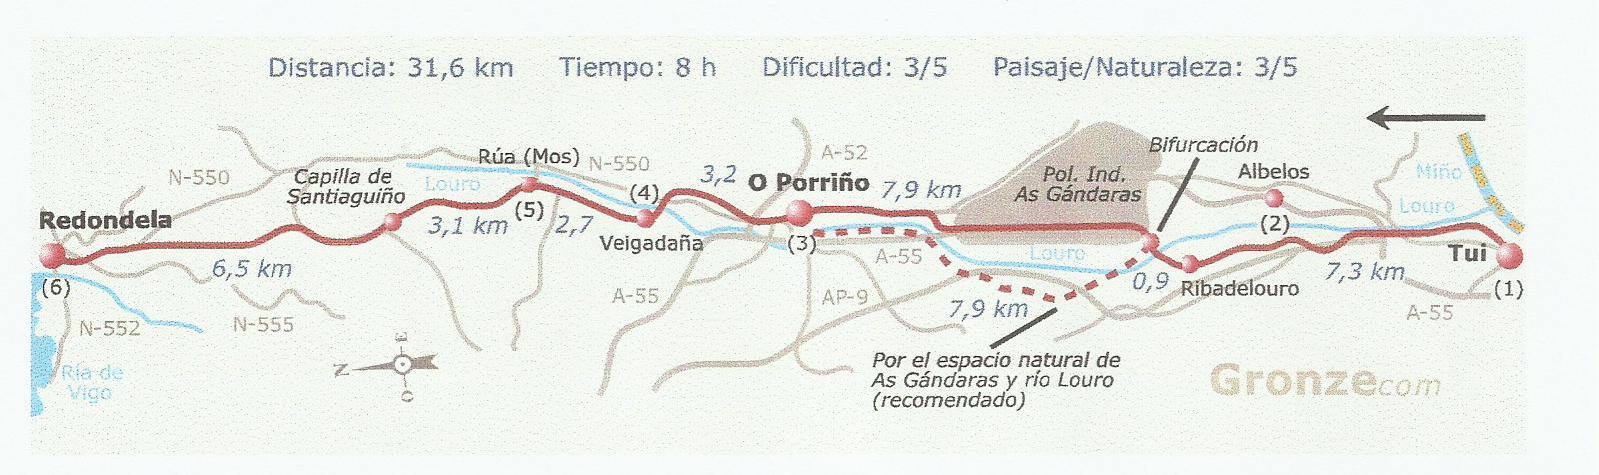 etapa-1